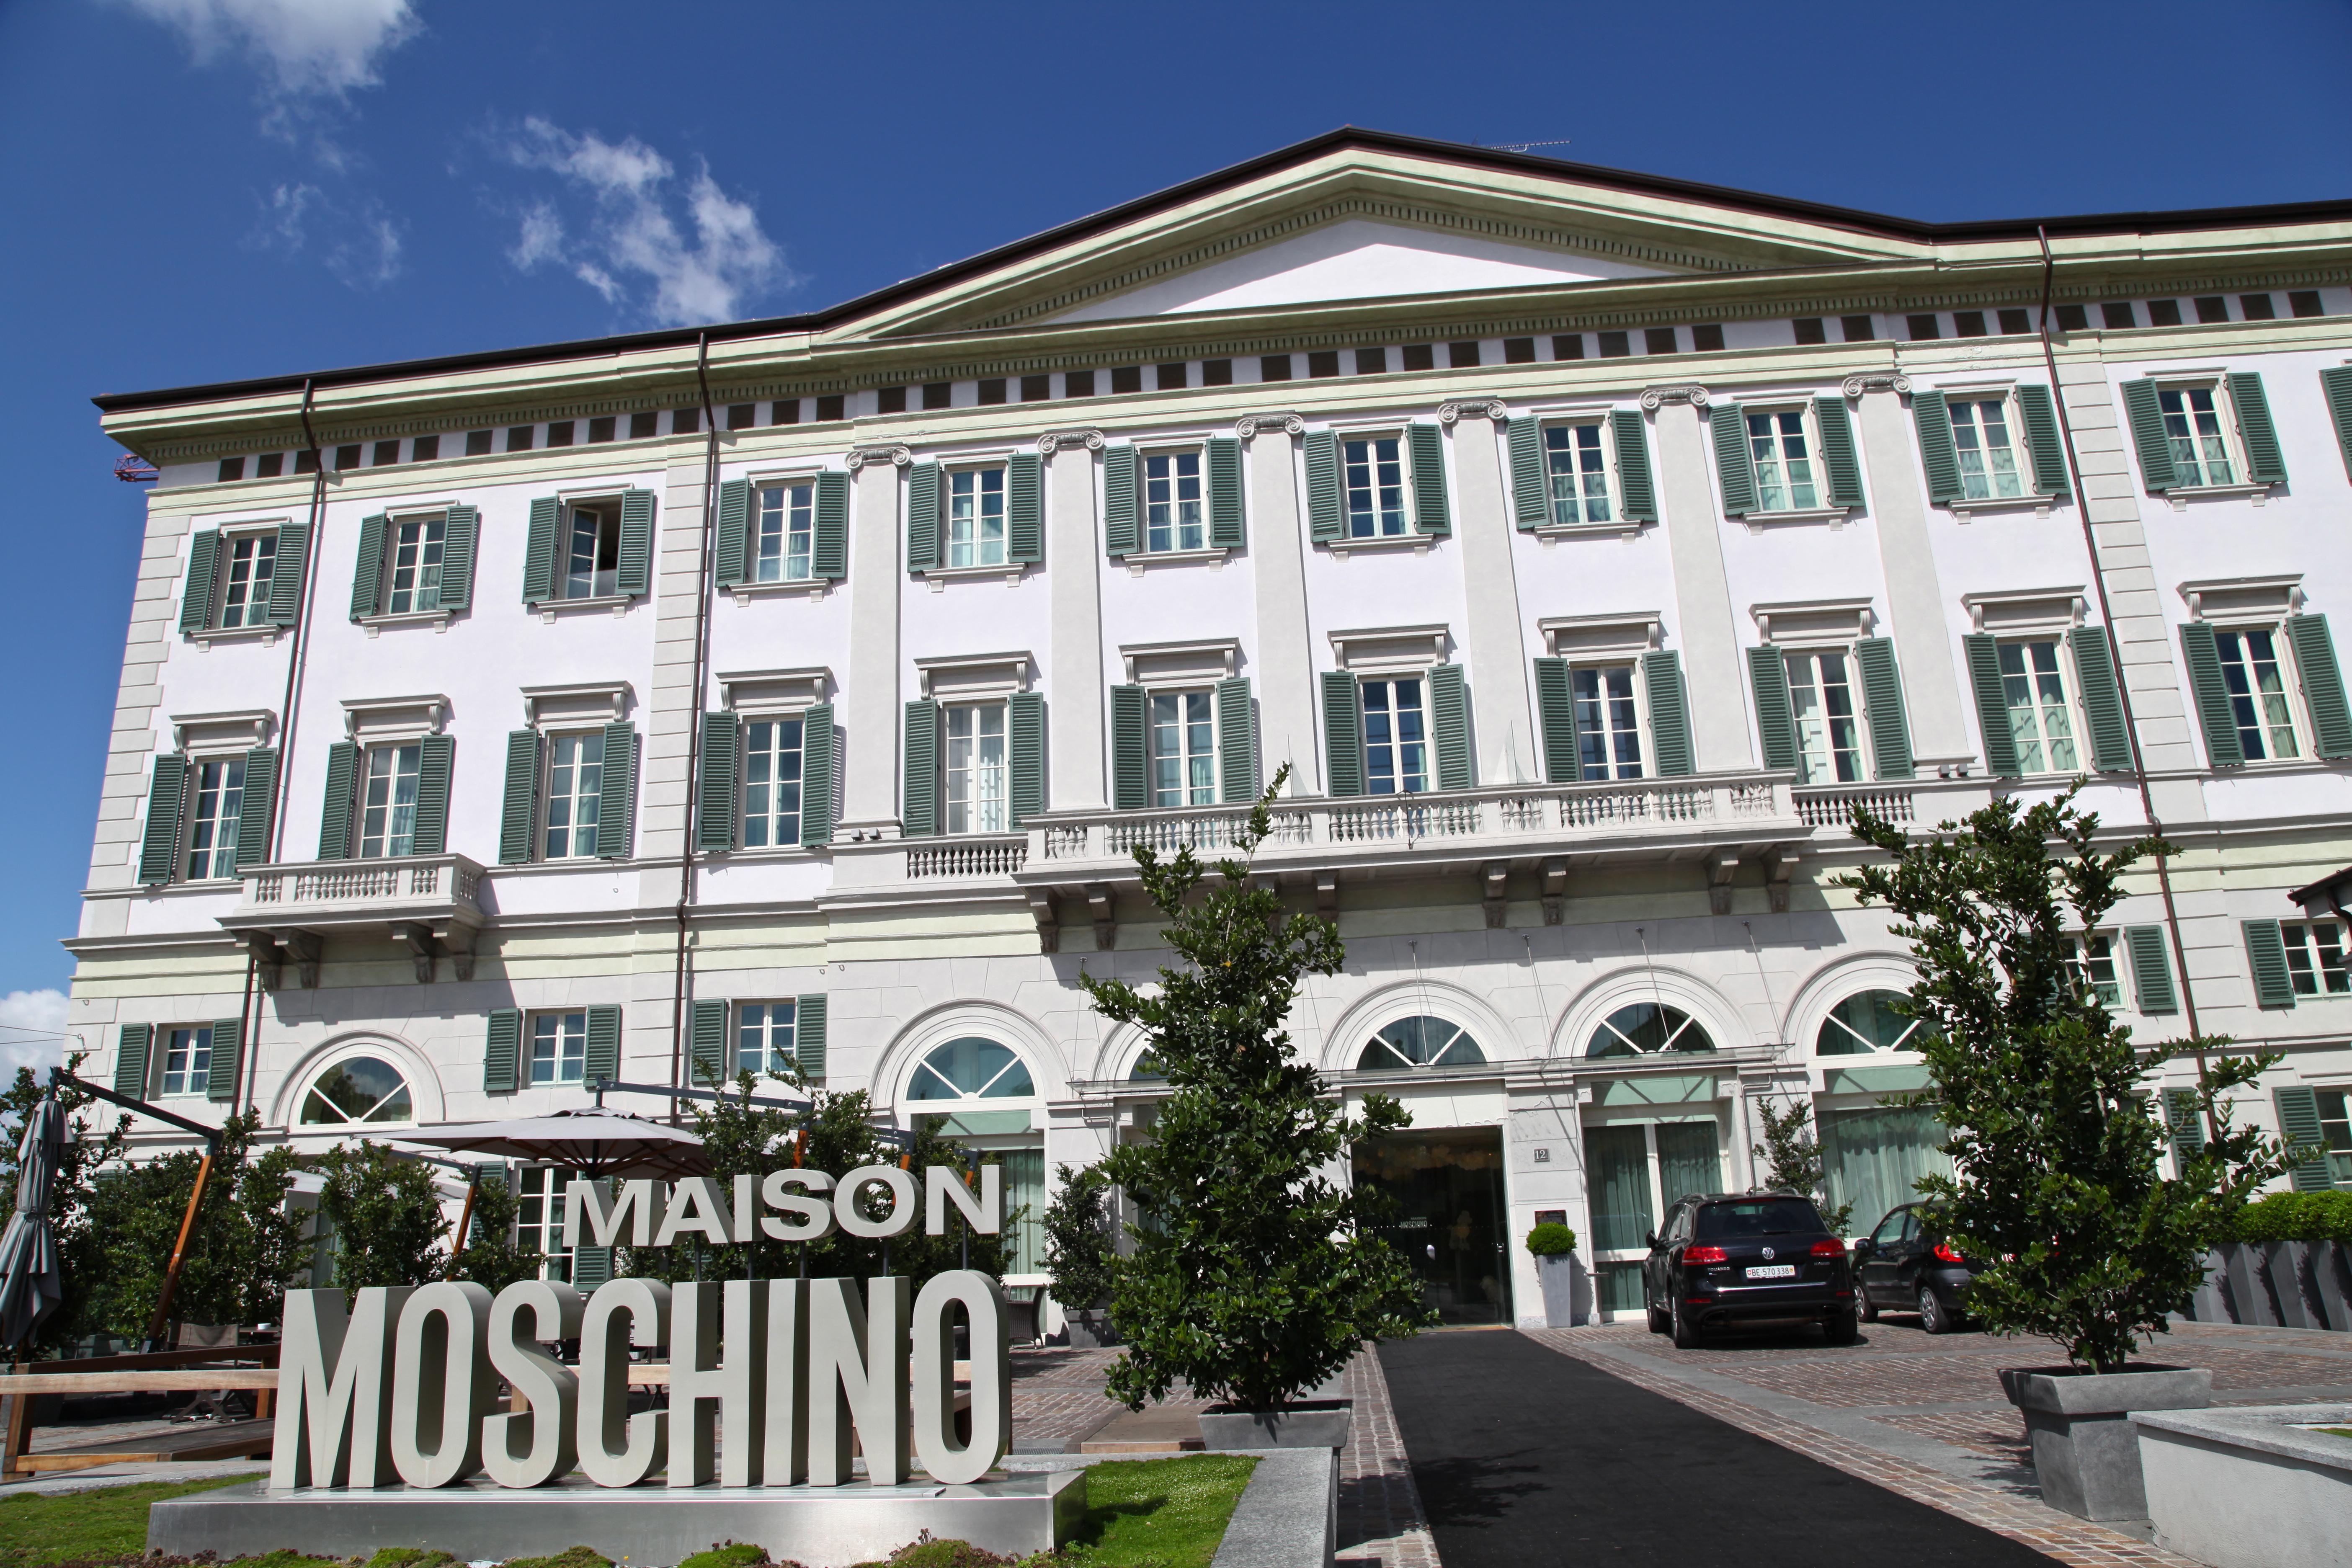 Maison Moschino Milan Silencio Hotel Luxe Exterieur